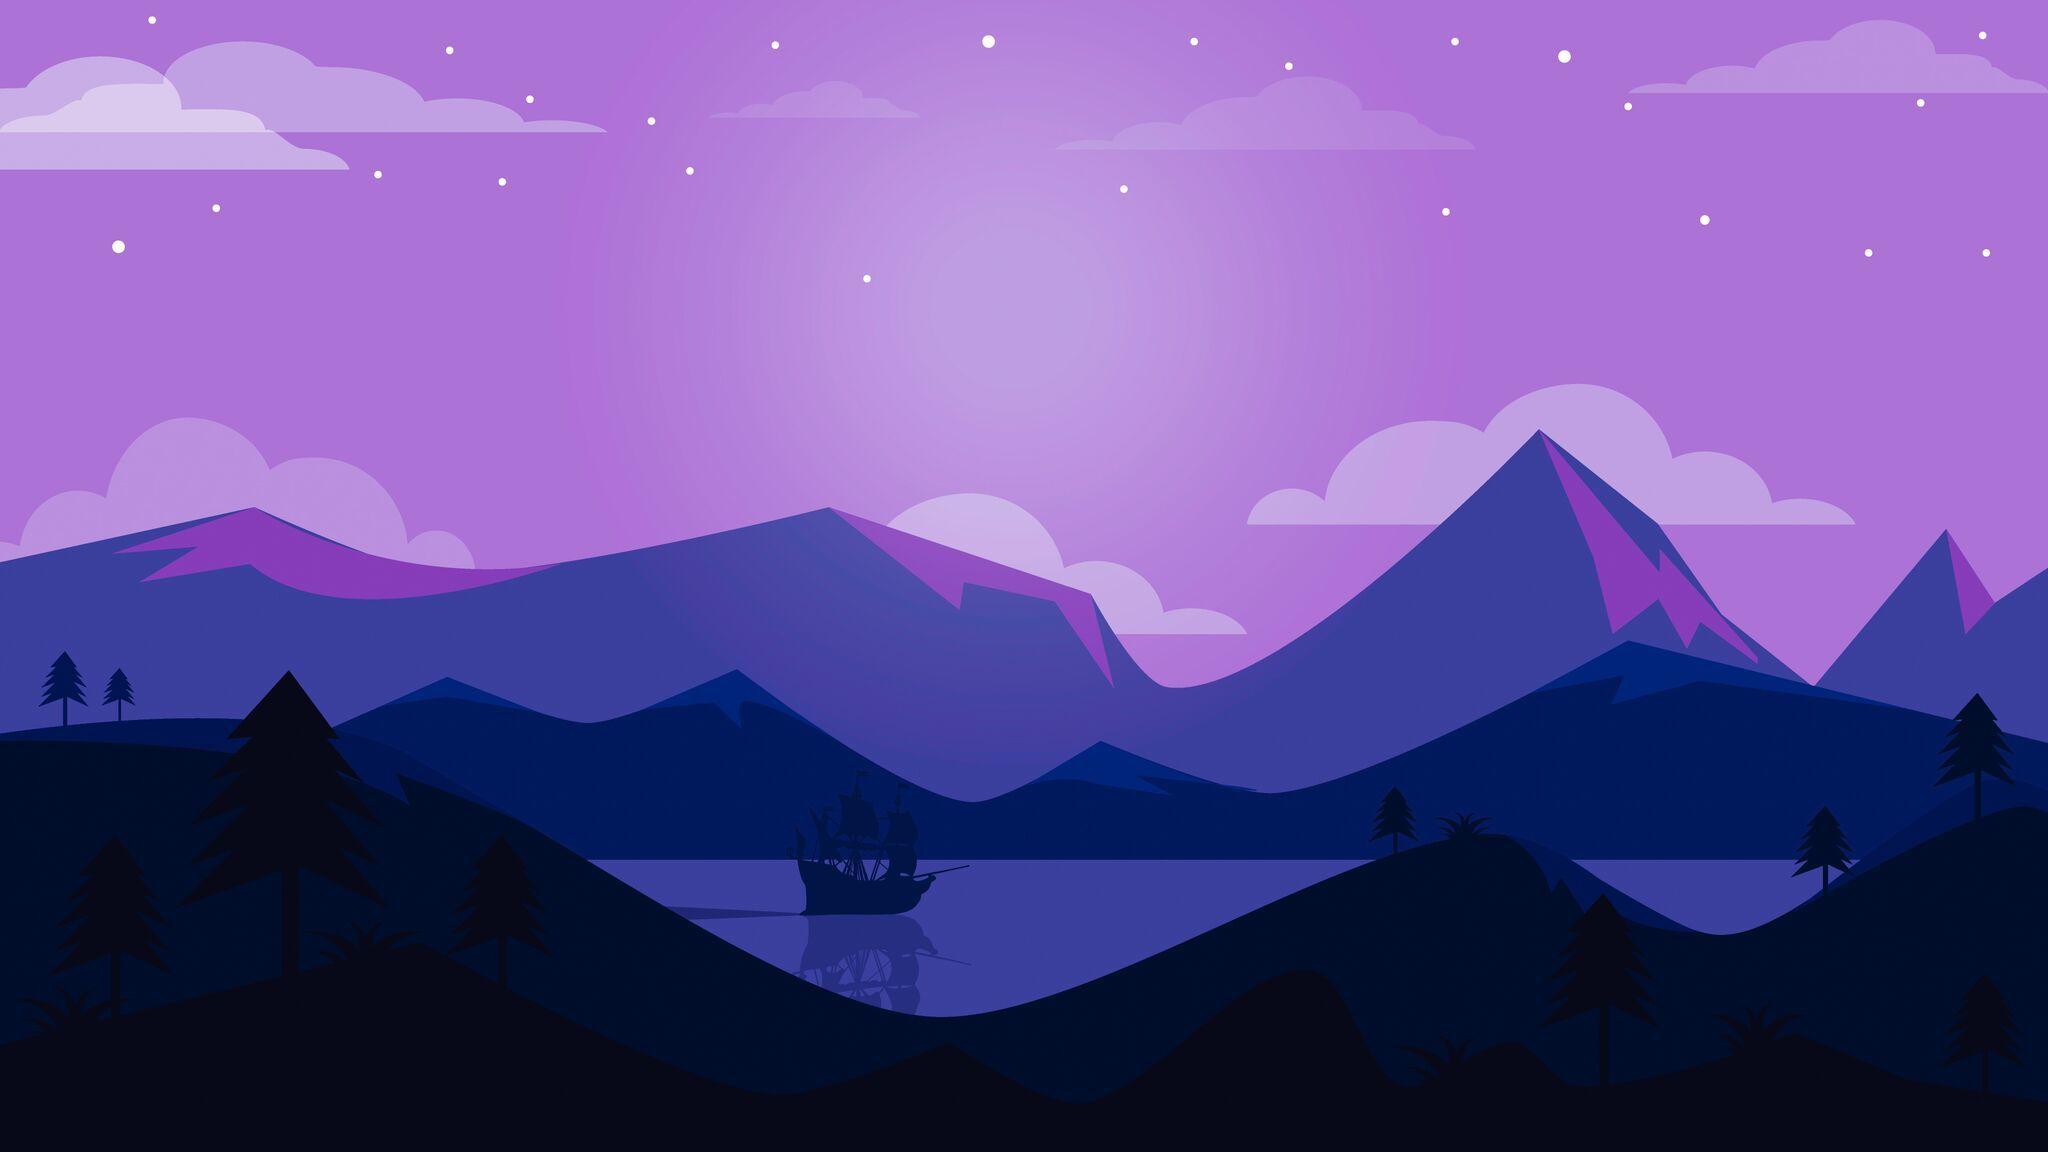 Minimal Ship Artwork Purple Background Wallpaper HD Minimalist 4K 2048x1152